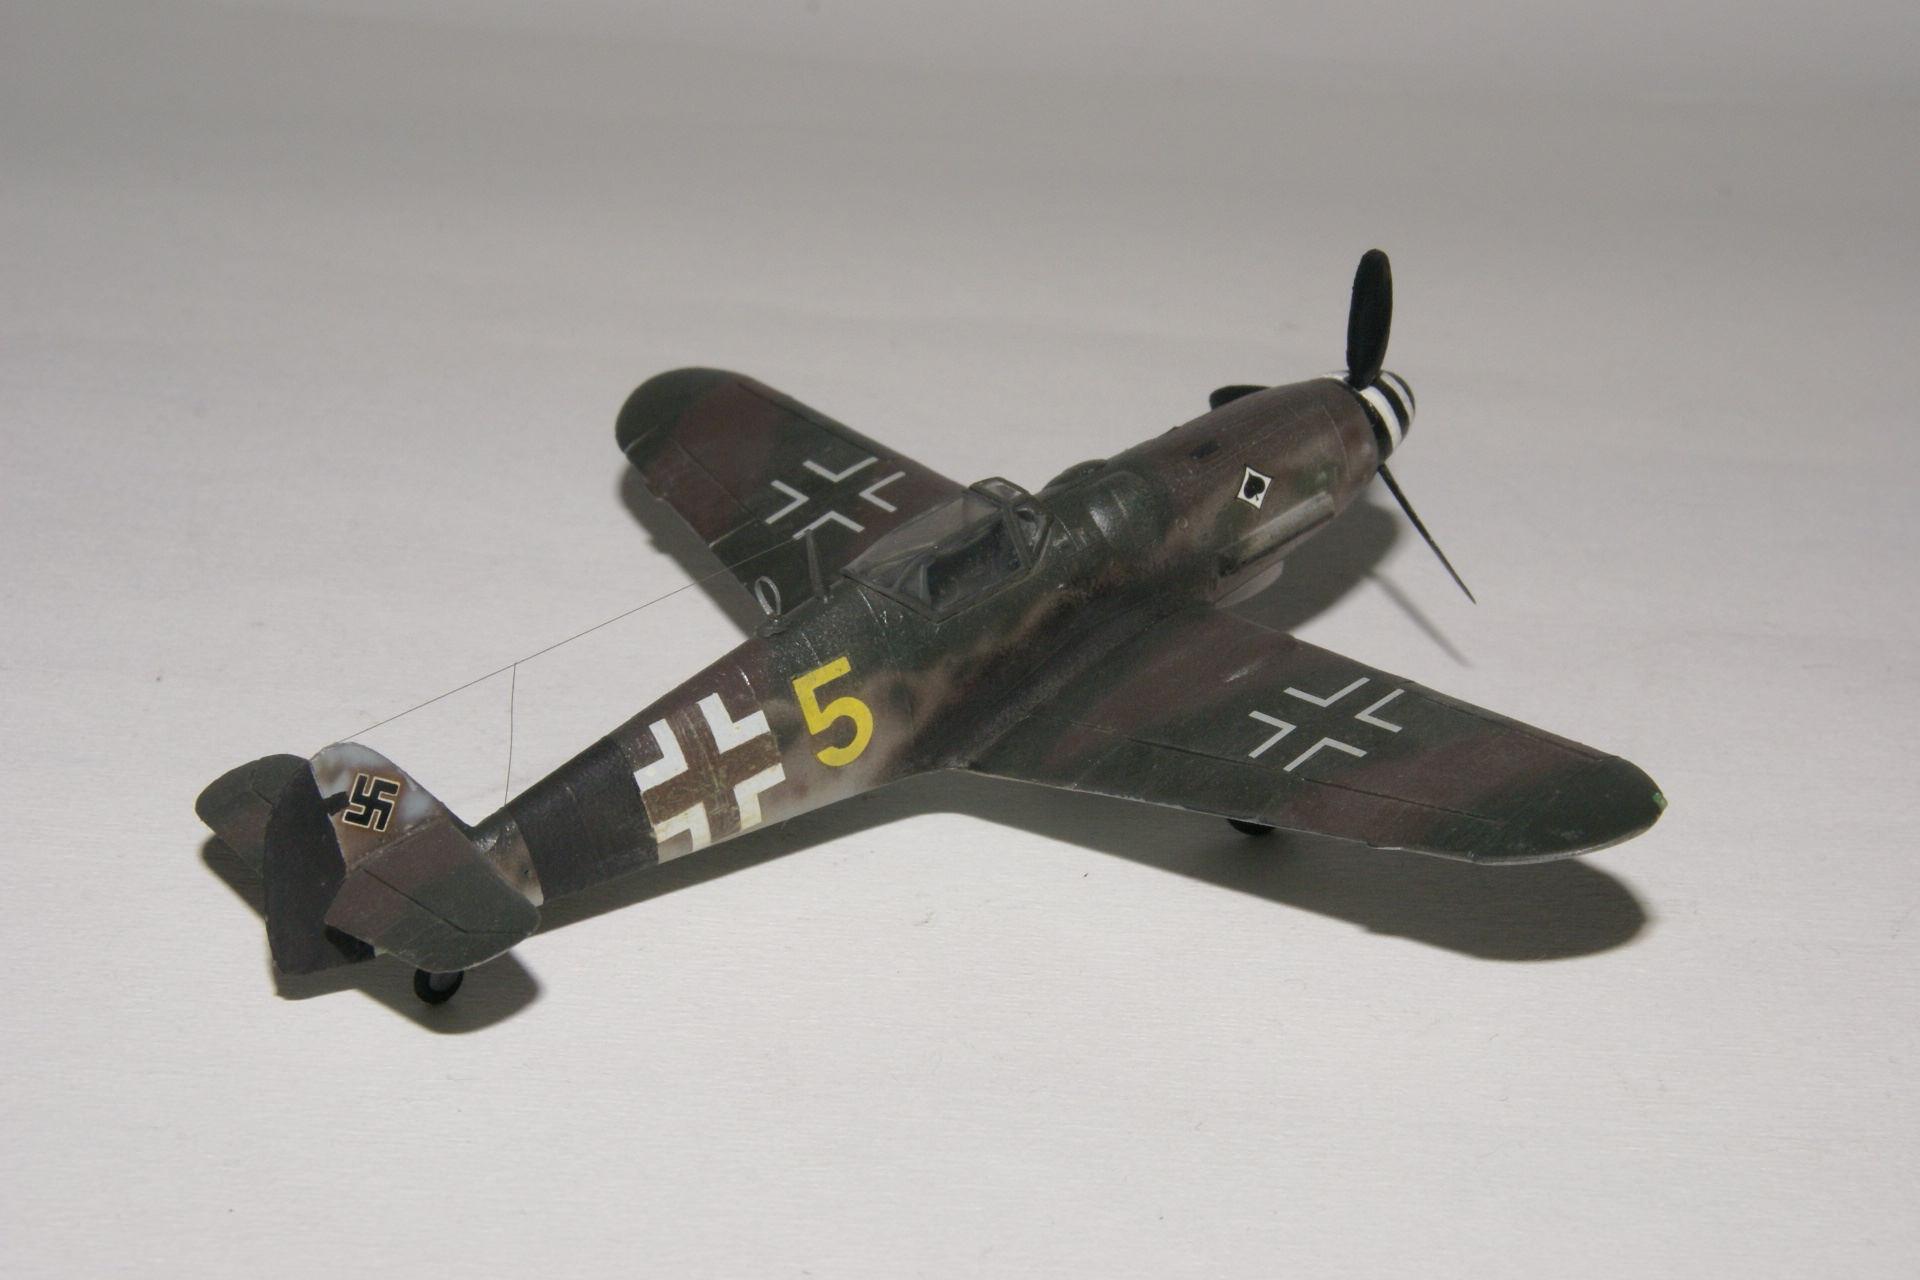 Messerschmitt 109g 6 u2 2